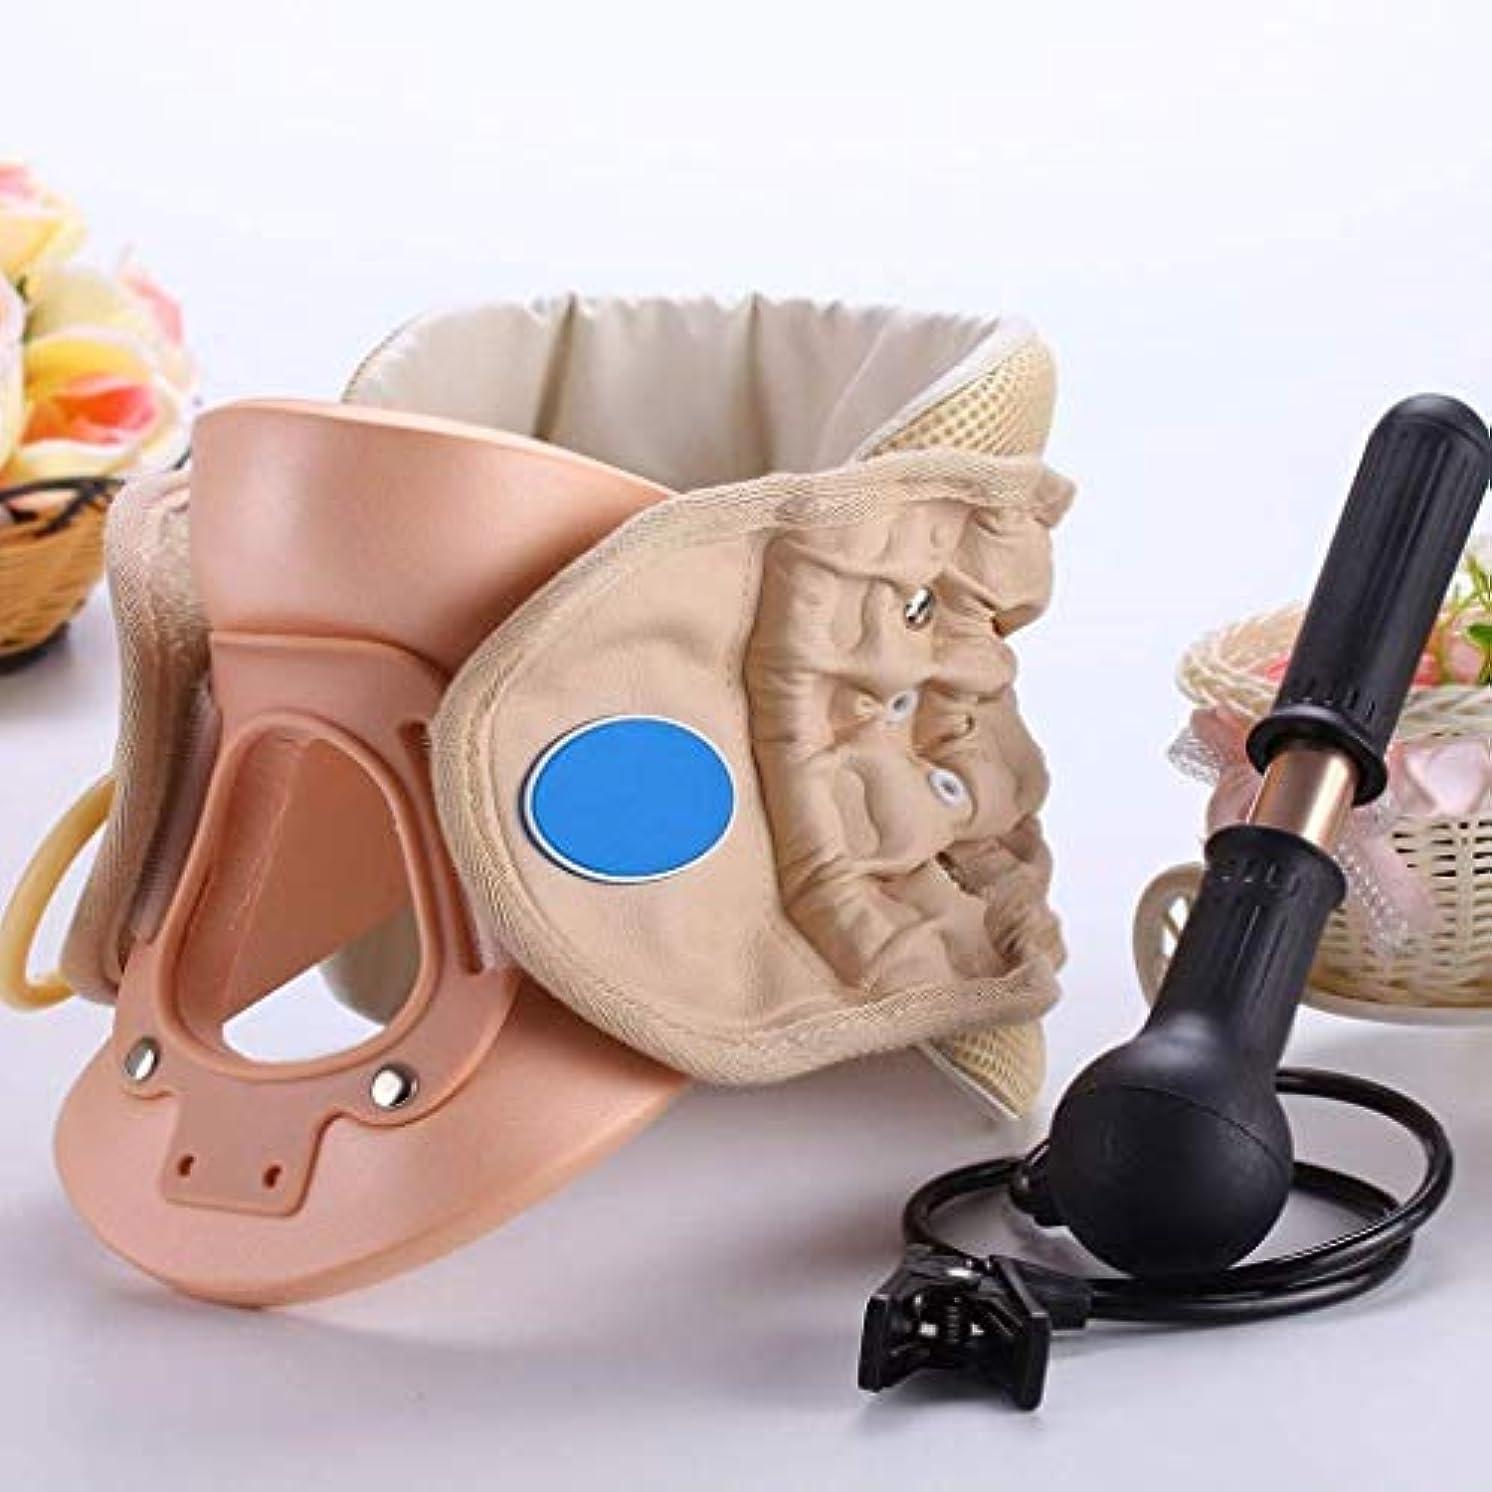 ではごきげんよう取り戻す存在する首の痛みや頸椎症の人に適したインフレータブル頸椎トラクター、首牽引装置、家の保護頸椎矯正器具